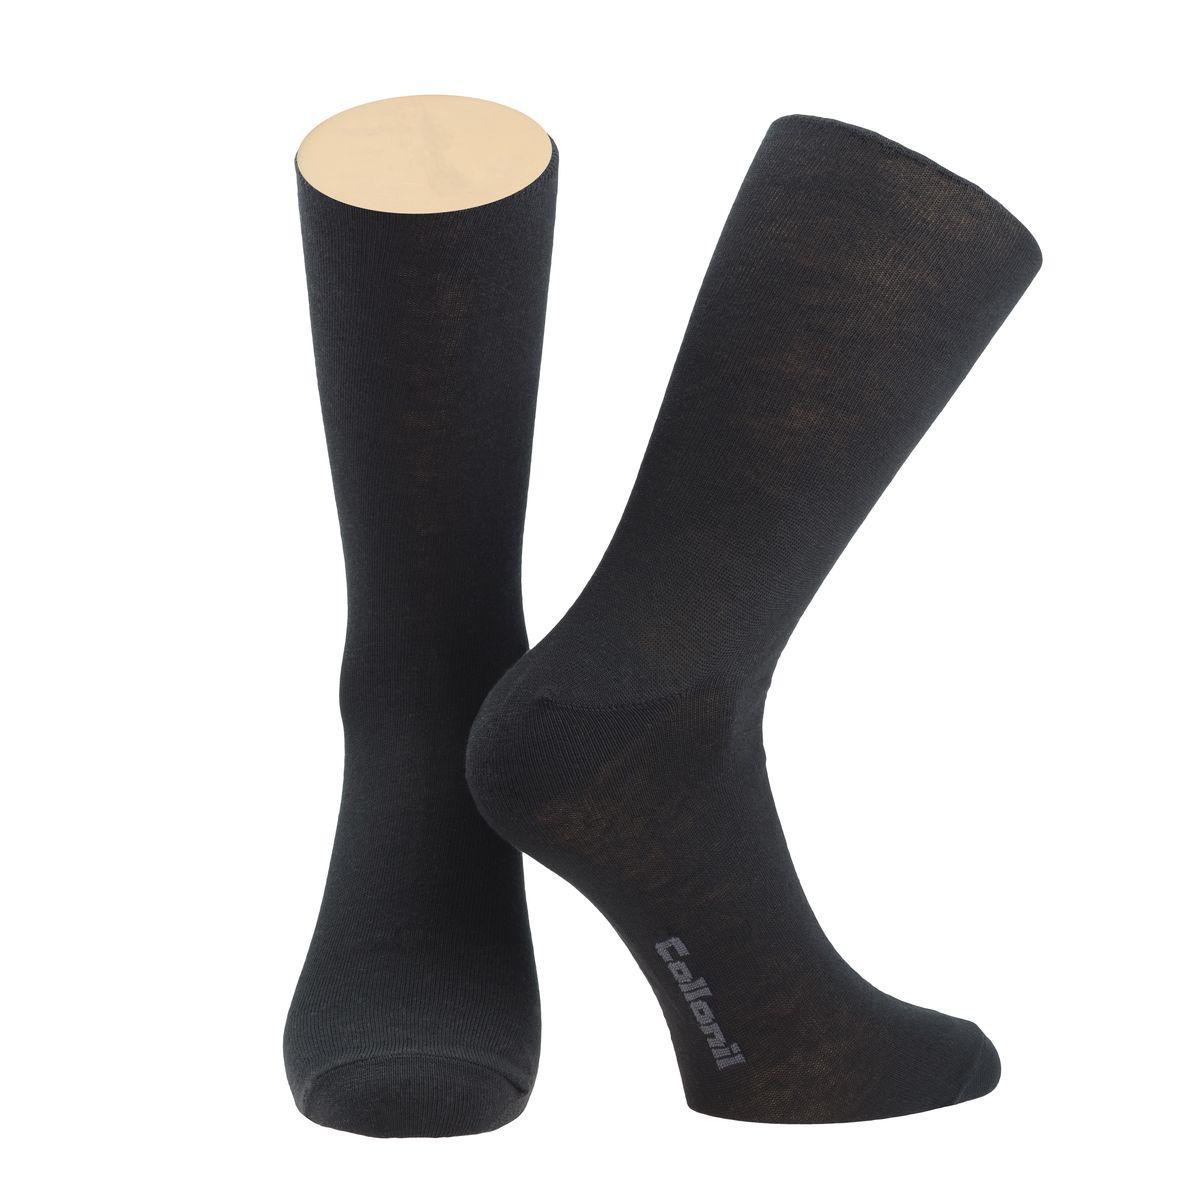 Комплект носковCE3-40/01Мужские носки Collonil изготовлены из эластичного хлопка с добавлением полиамида. Удлиненная широкая резинка не сдавливает и комфортно облегает ногу. В комплекте 2 пары.